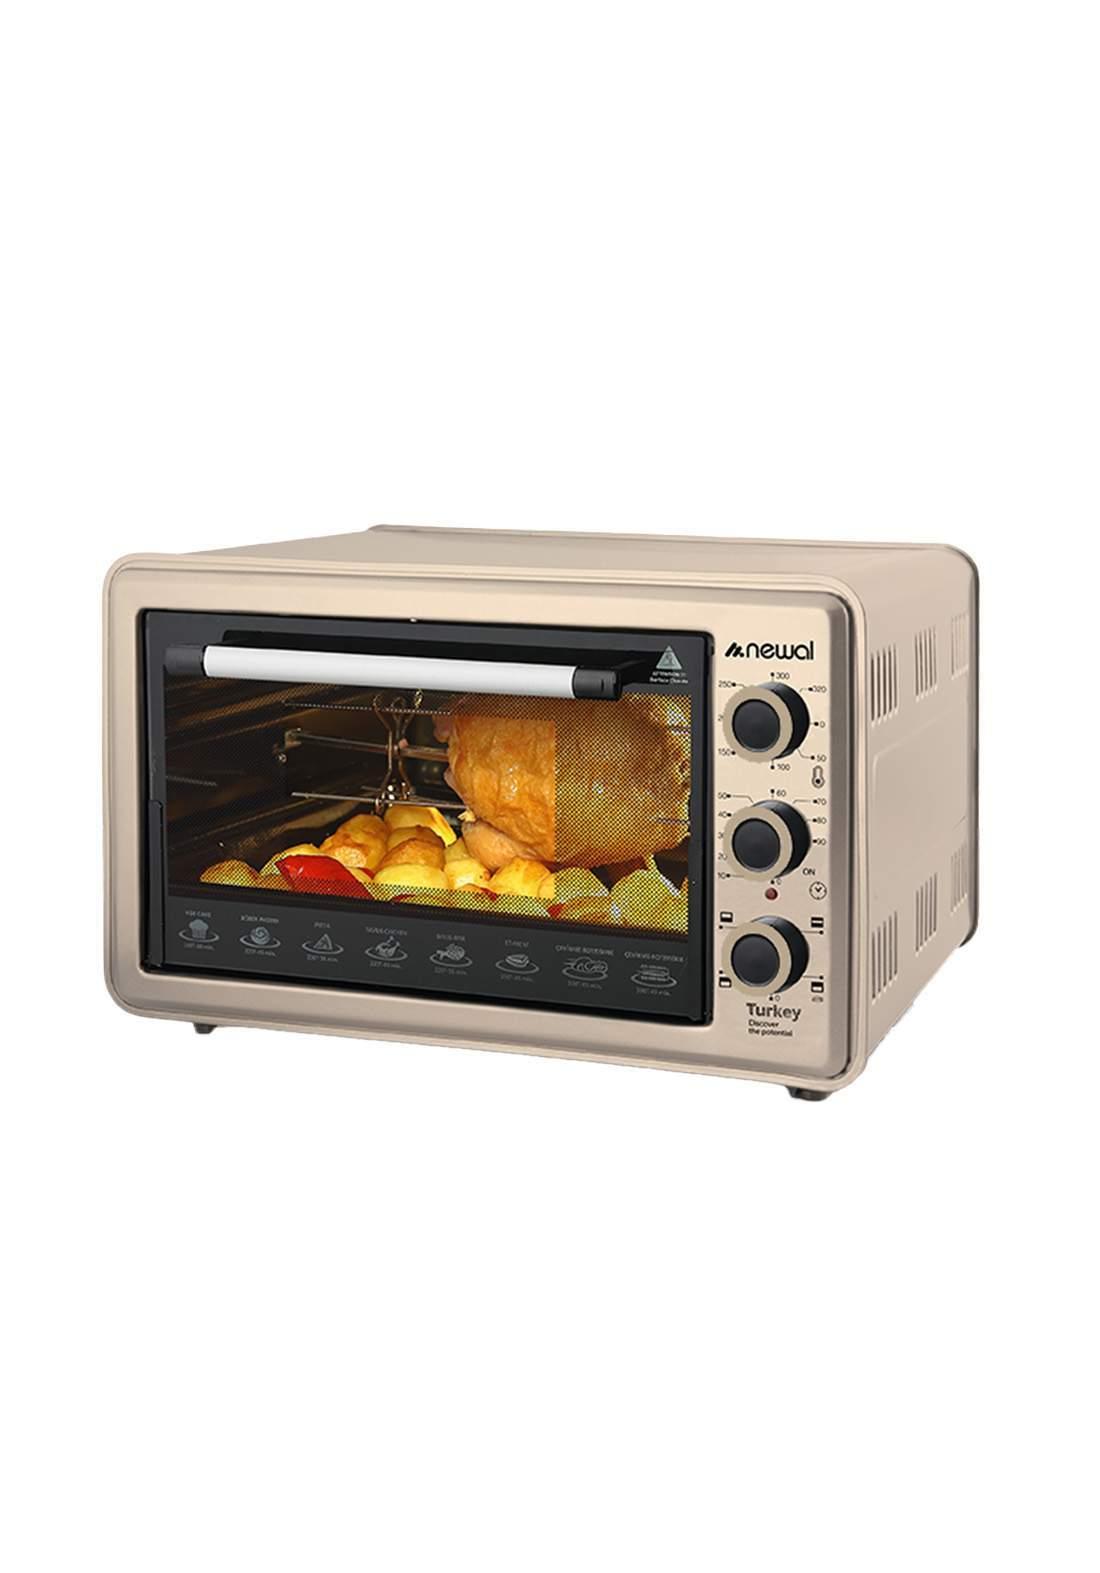 Newal Mini Oven 36L MOV-365-04 - Beige فرن كهربائي